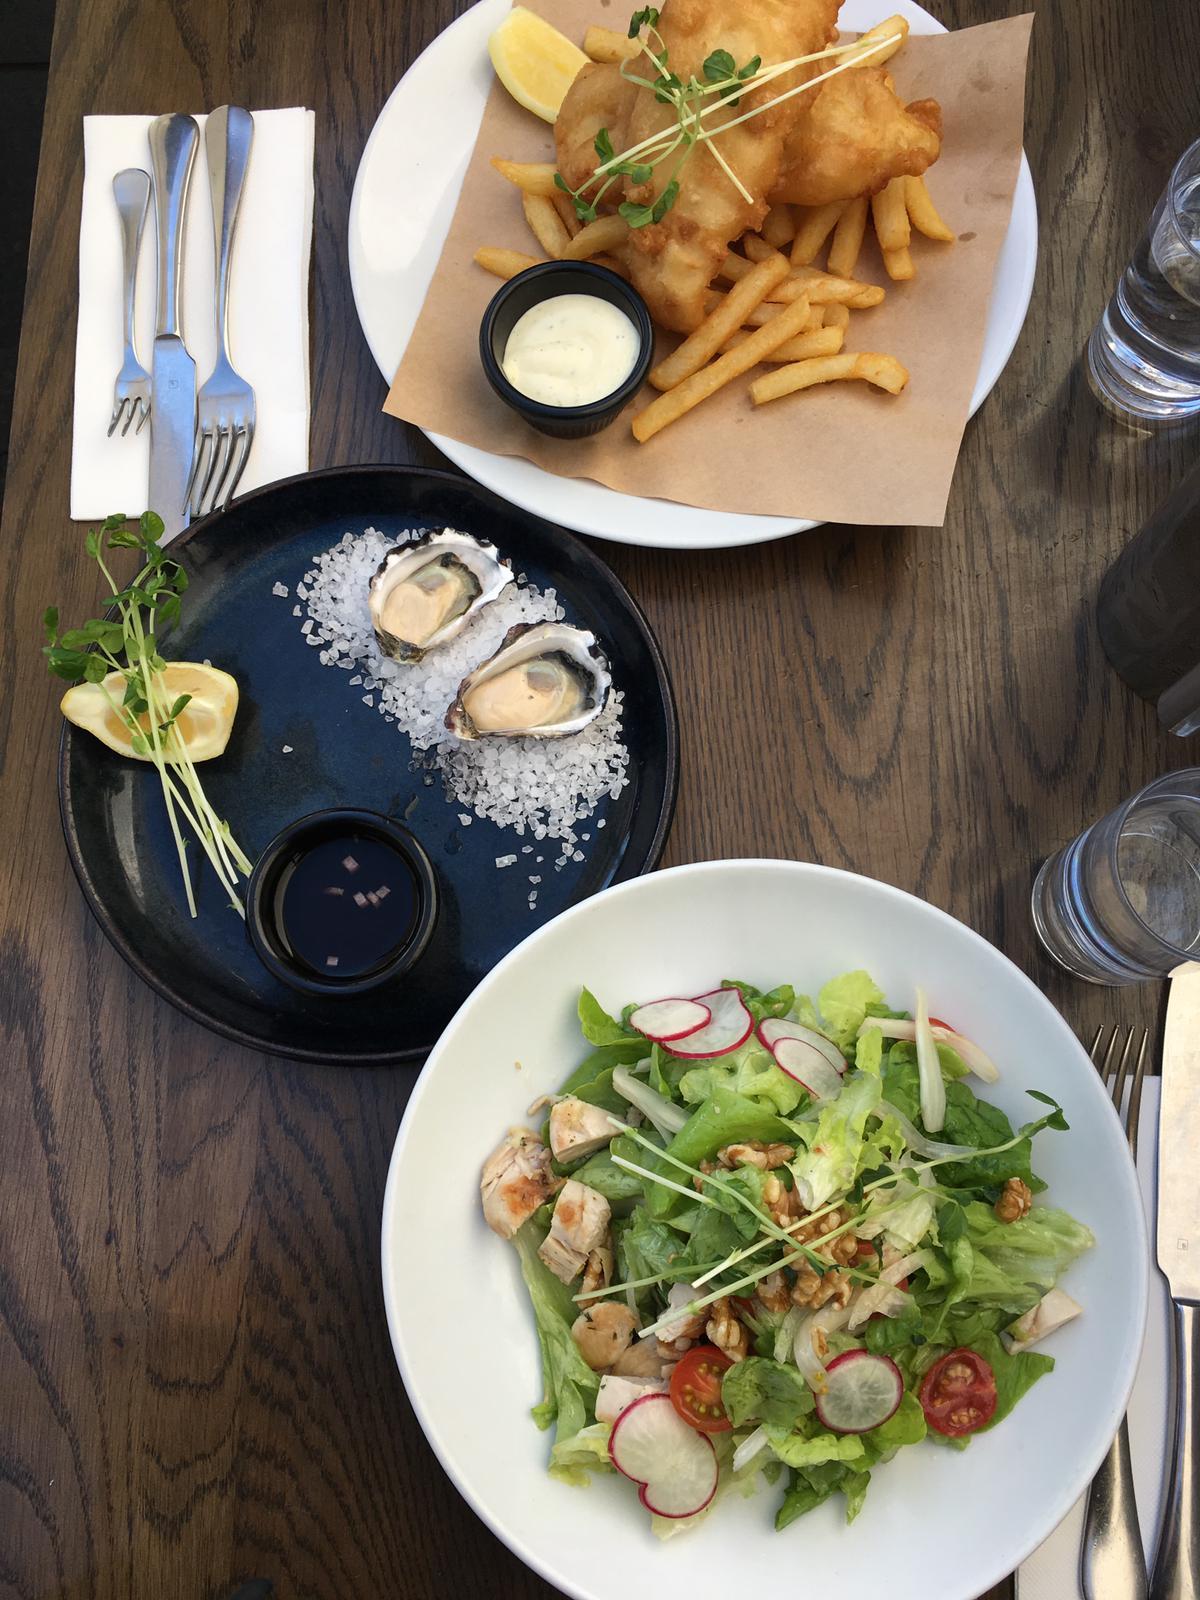 NSW州 カフェ・レストランマネージャーから永住権の可能性が出ました!